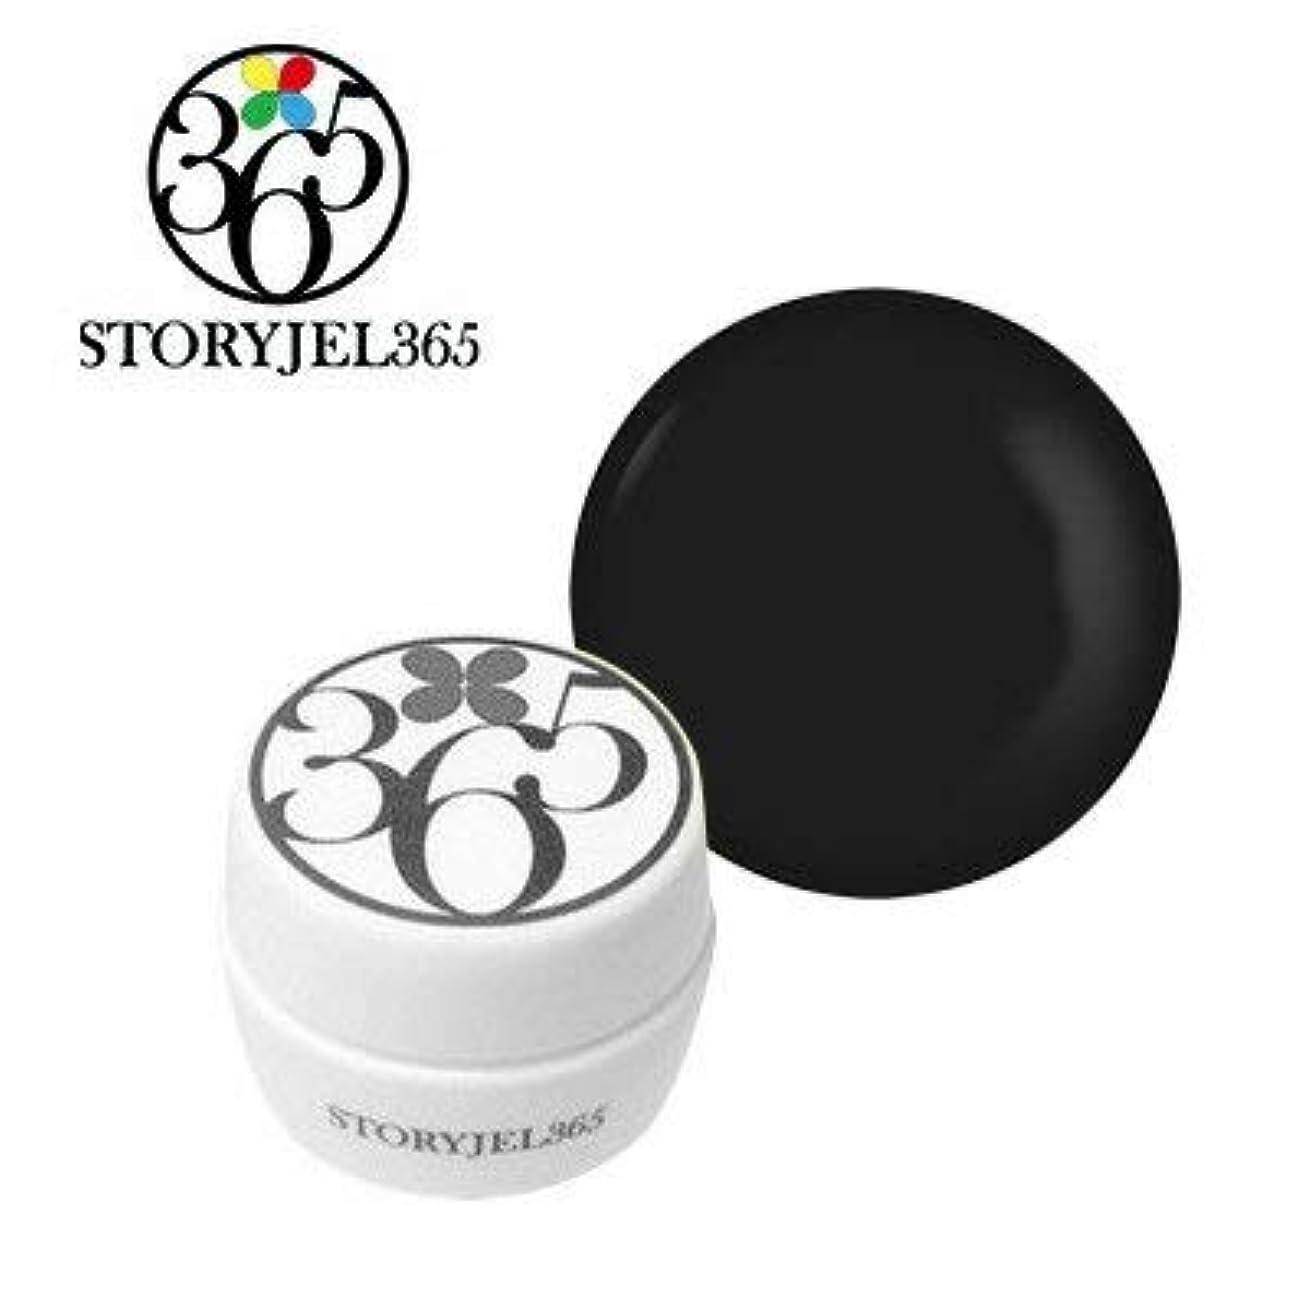 ジャンプアトミックミントSTORYJEL365 カラージェル 5g (ストーリージェル) SJS-301M-D 聖なる石